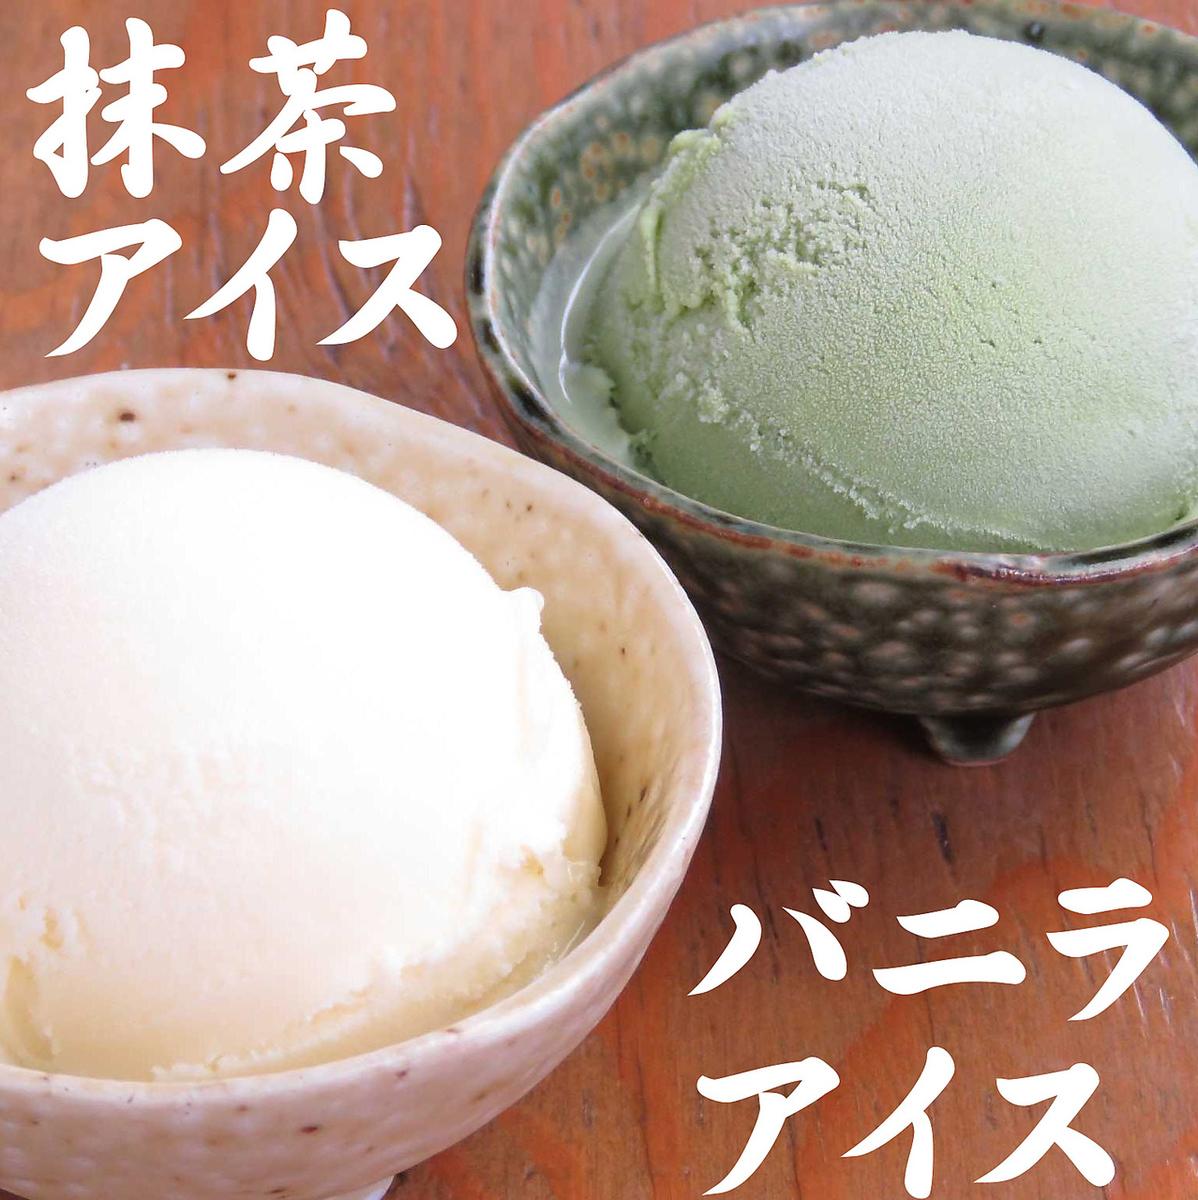 【甜点】香草冰/绿茶冰